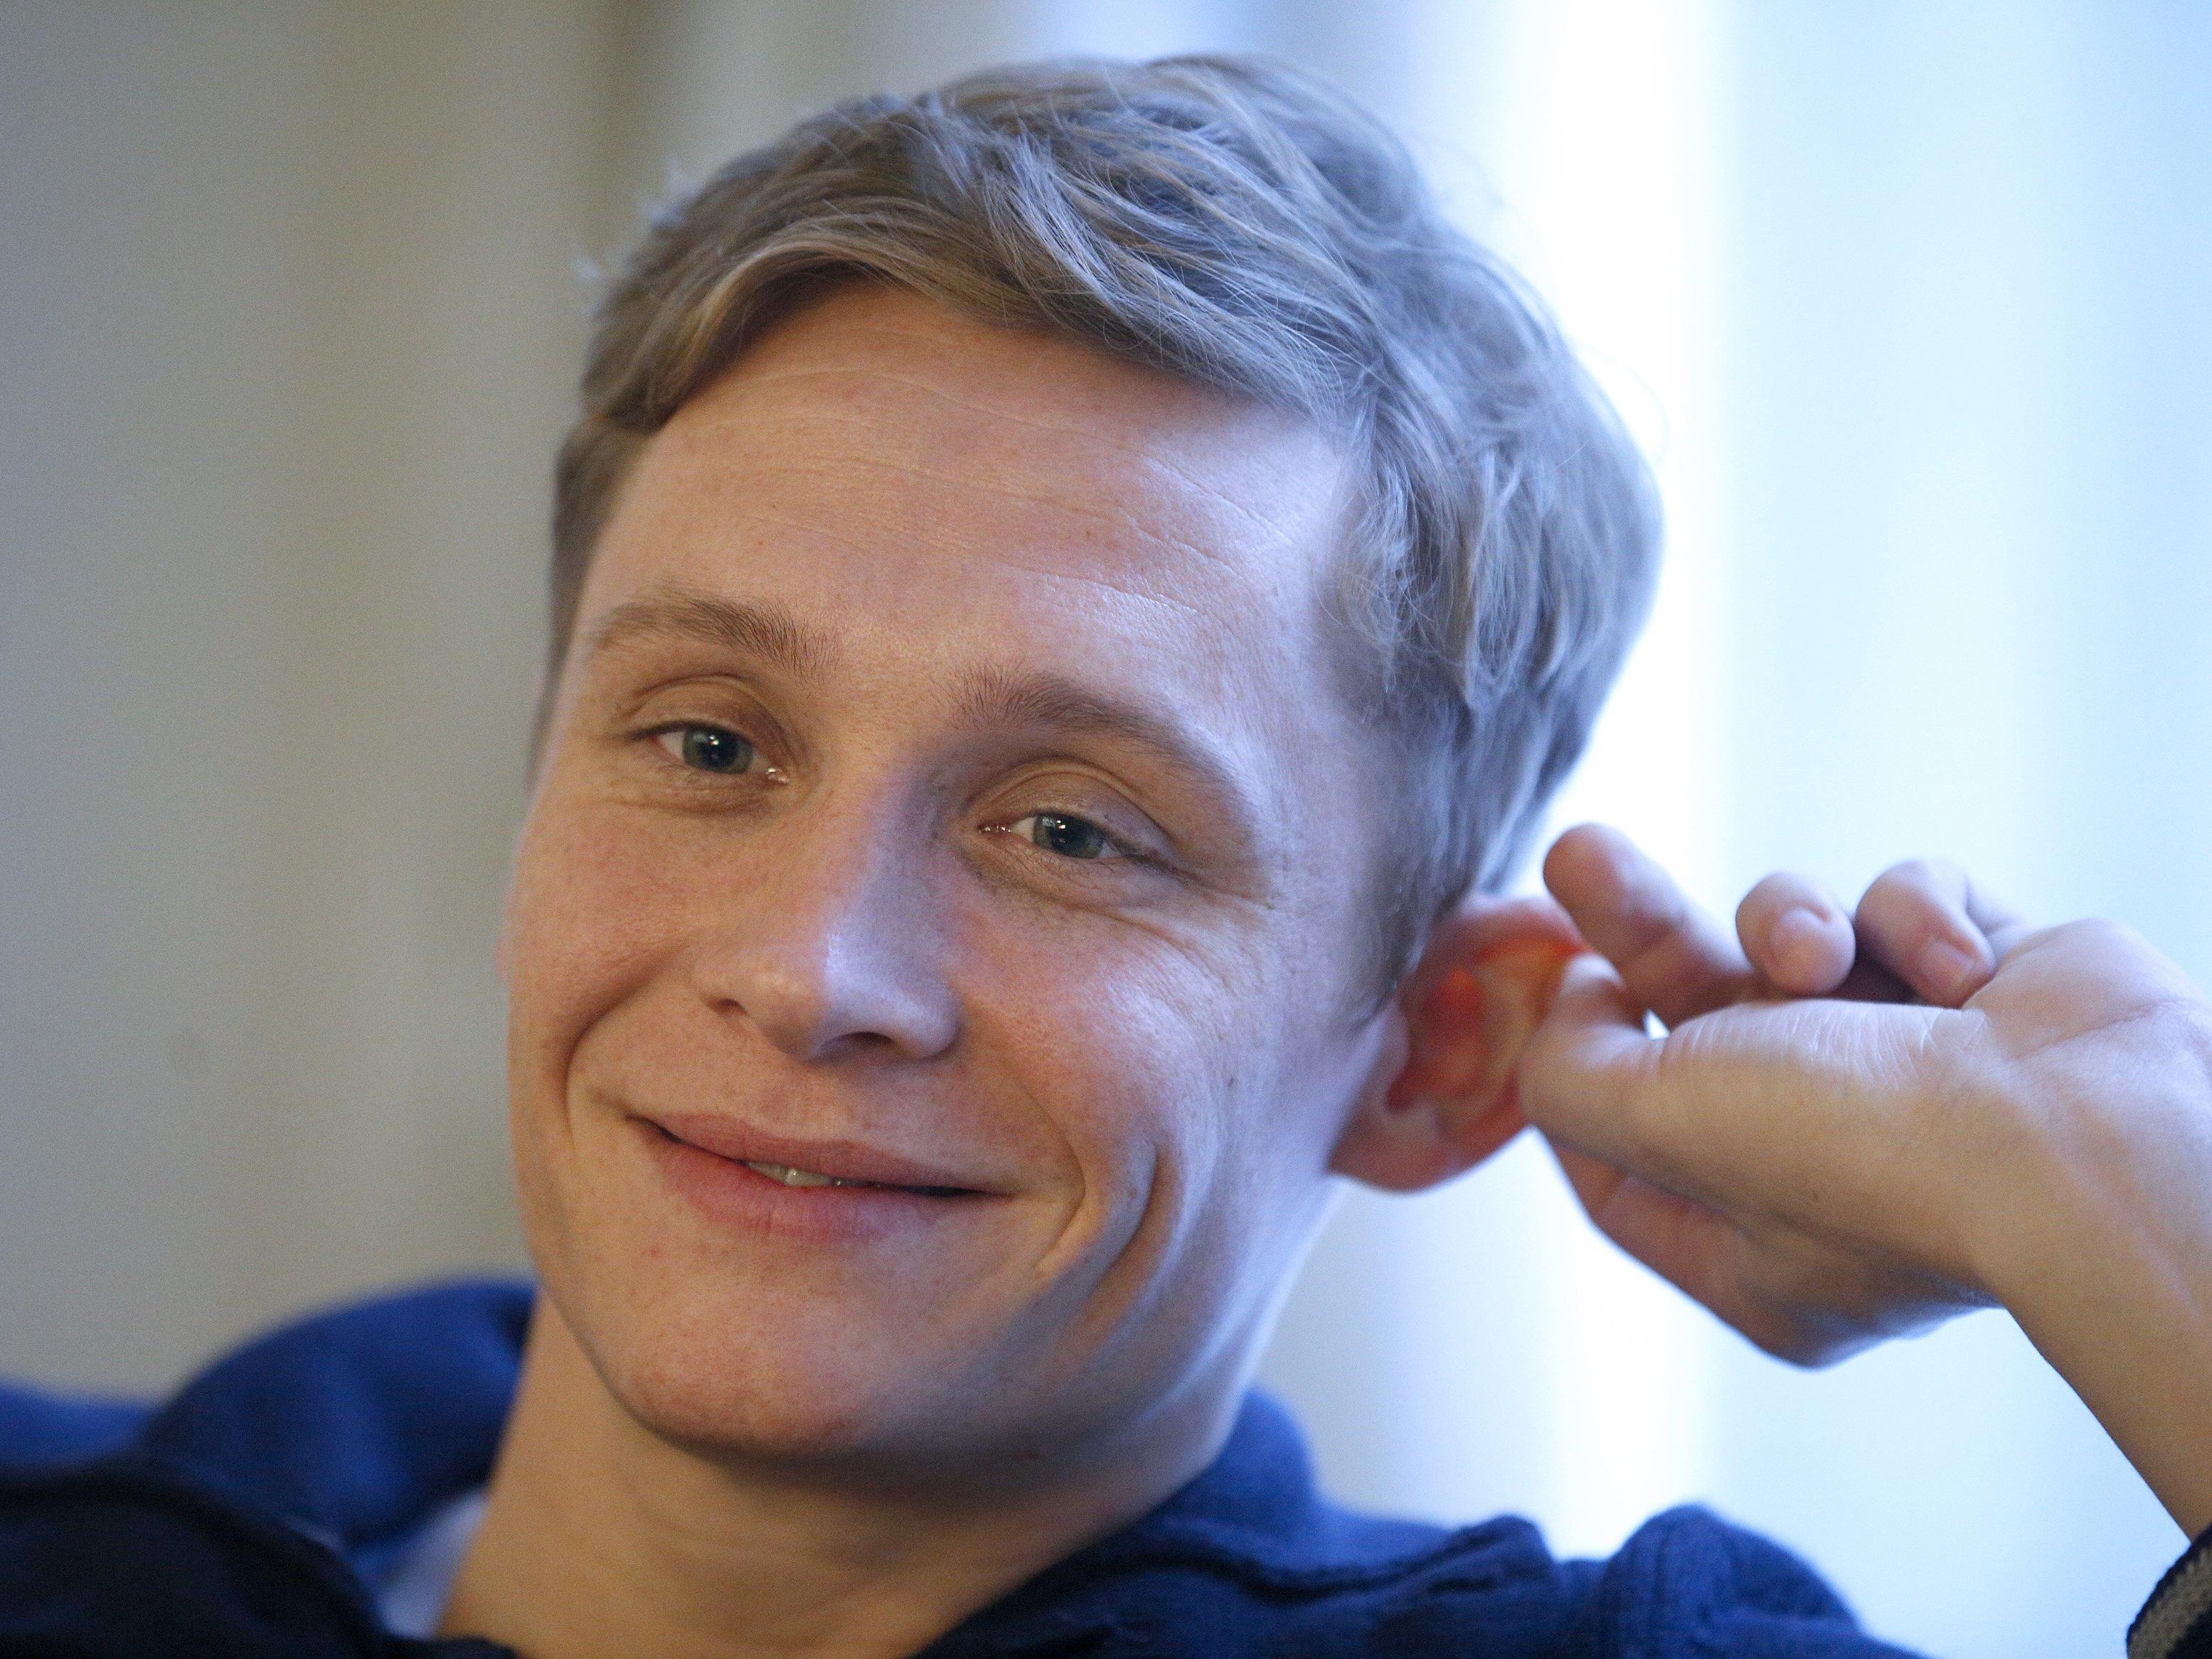 Matthias Schweighöfer bringt nächstes Jahr sein erstes Album raus.